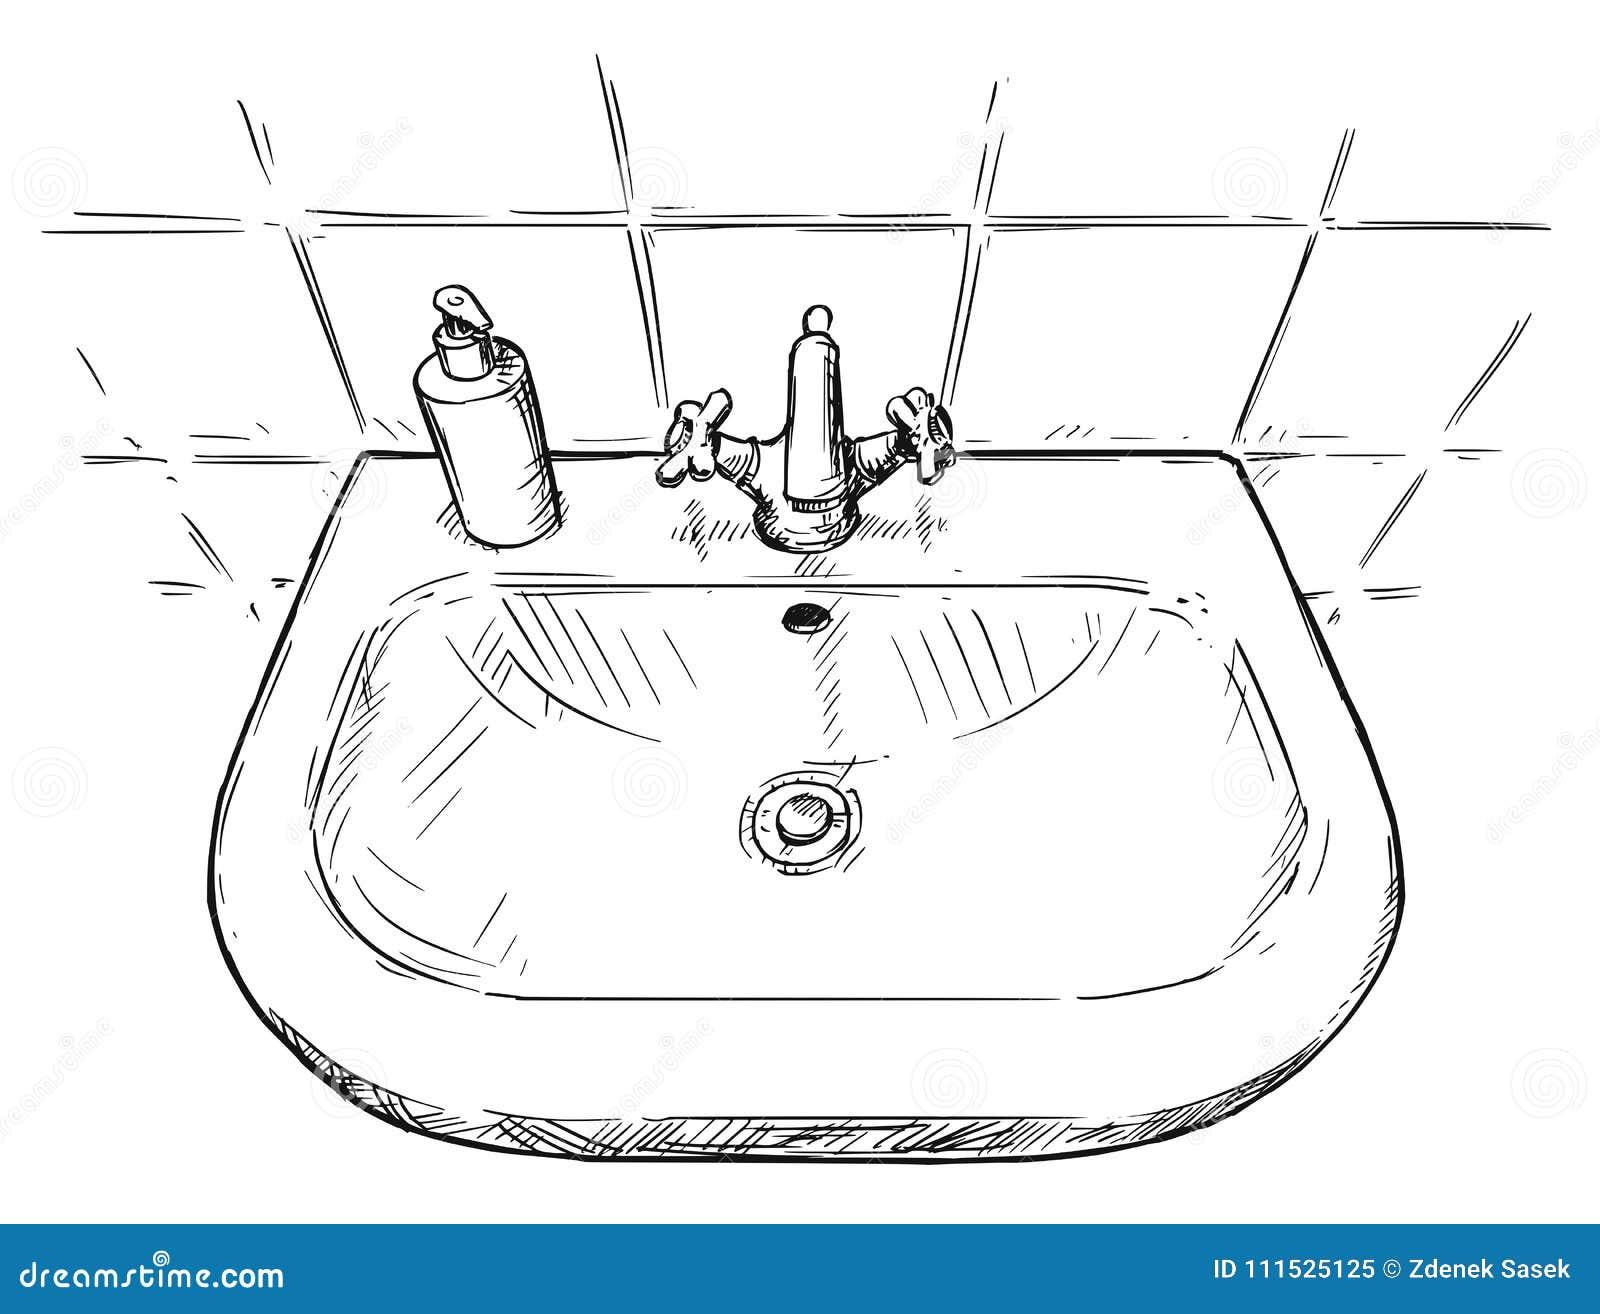 Dessin Salle De Bain dessin de main de vecteur d'évier dans la salle de bains